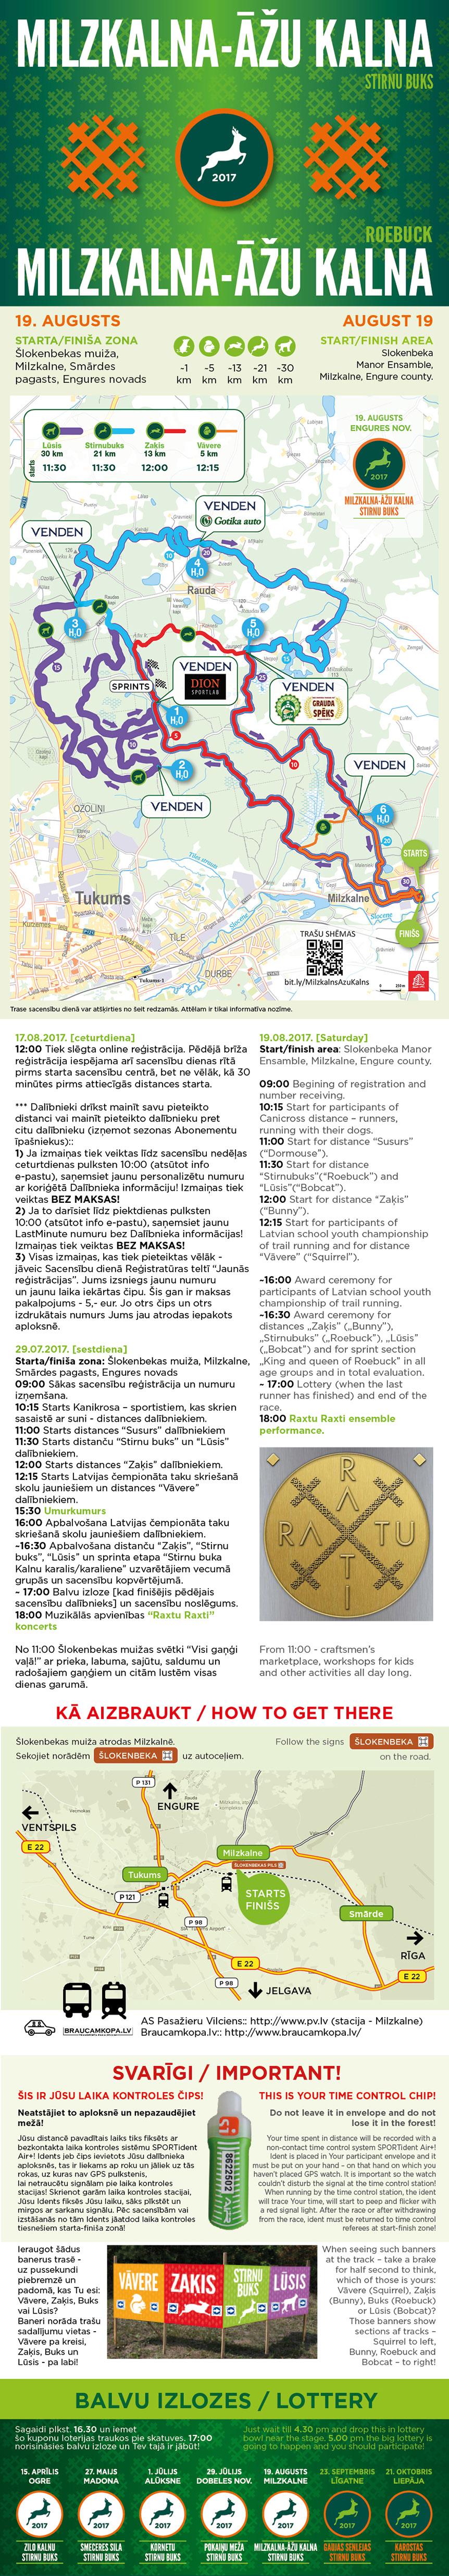 info desa MILZKALNE_3